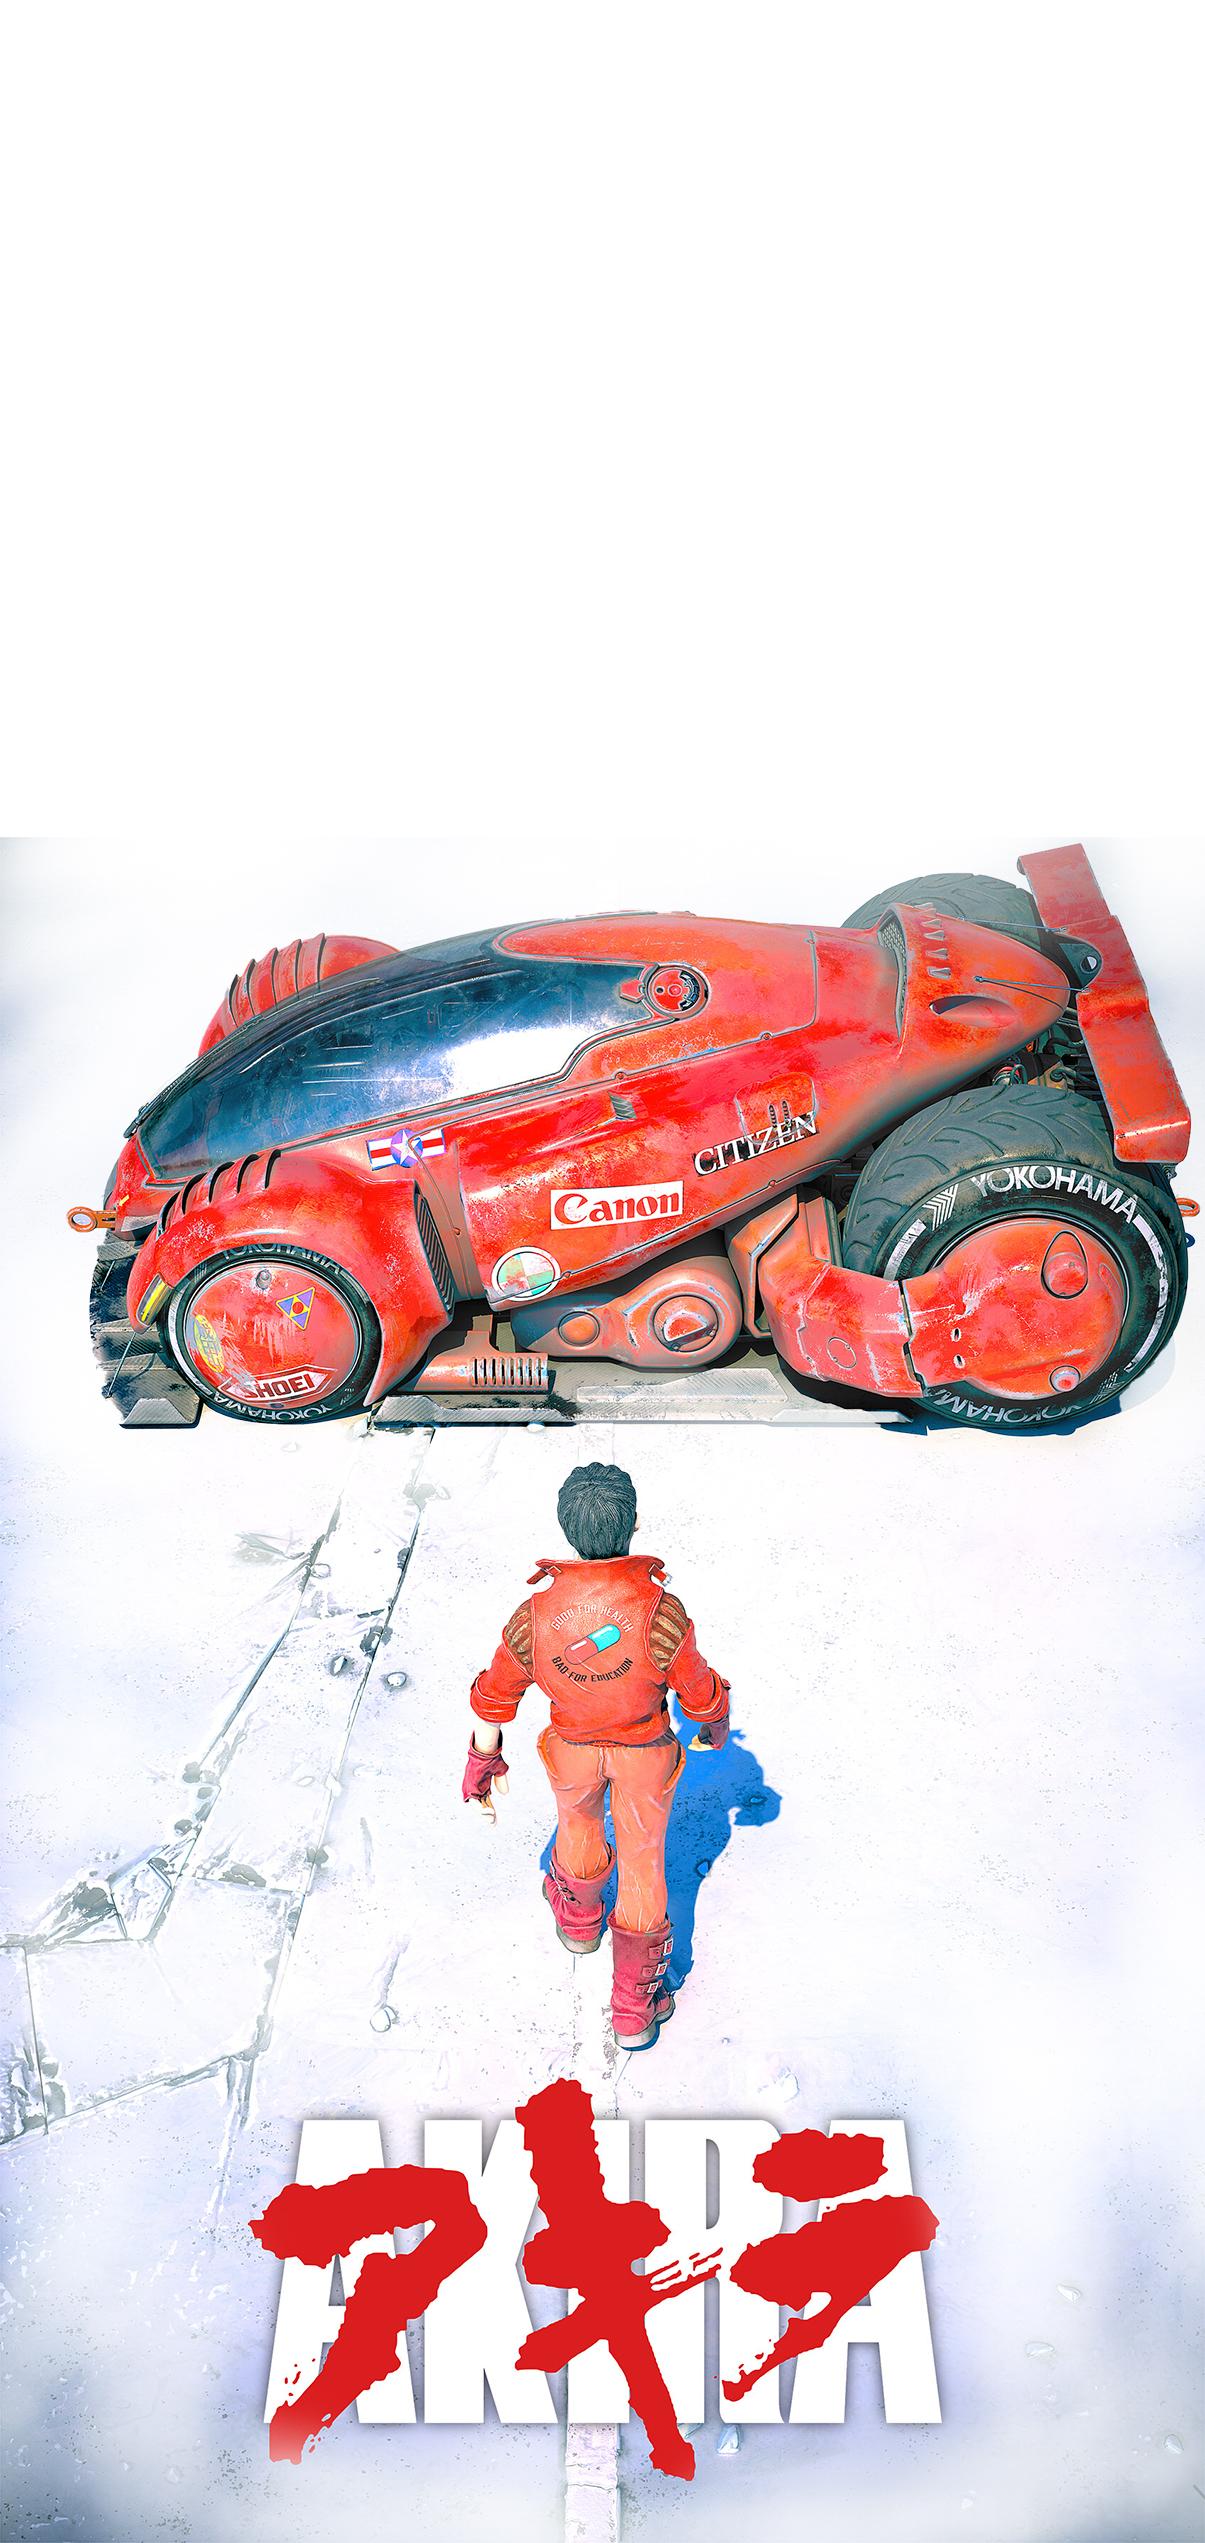 AKIRA MOBILE WALLPAPER